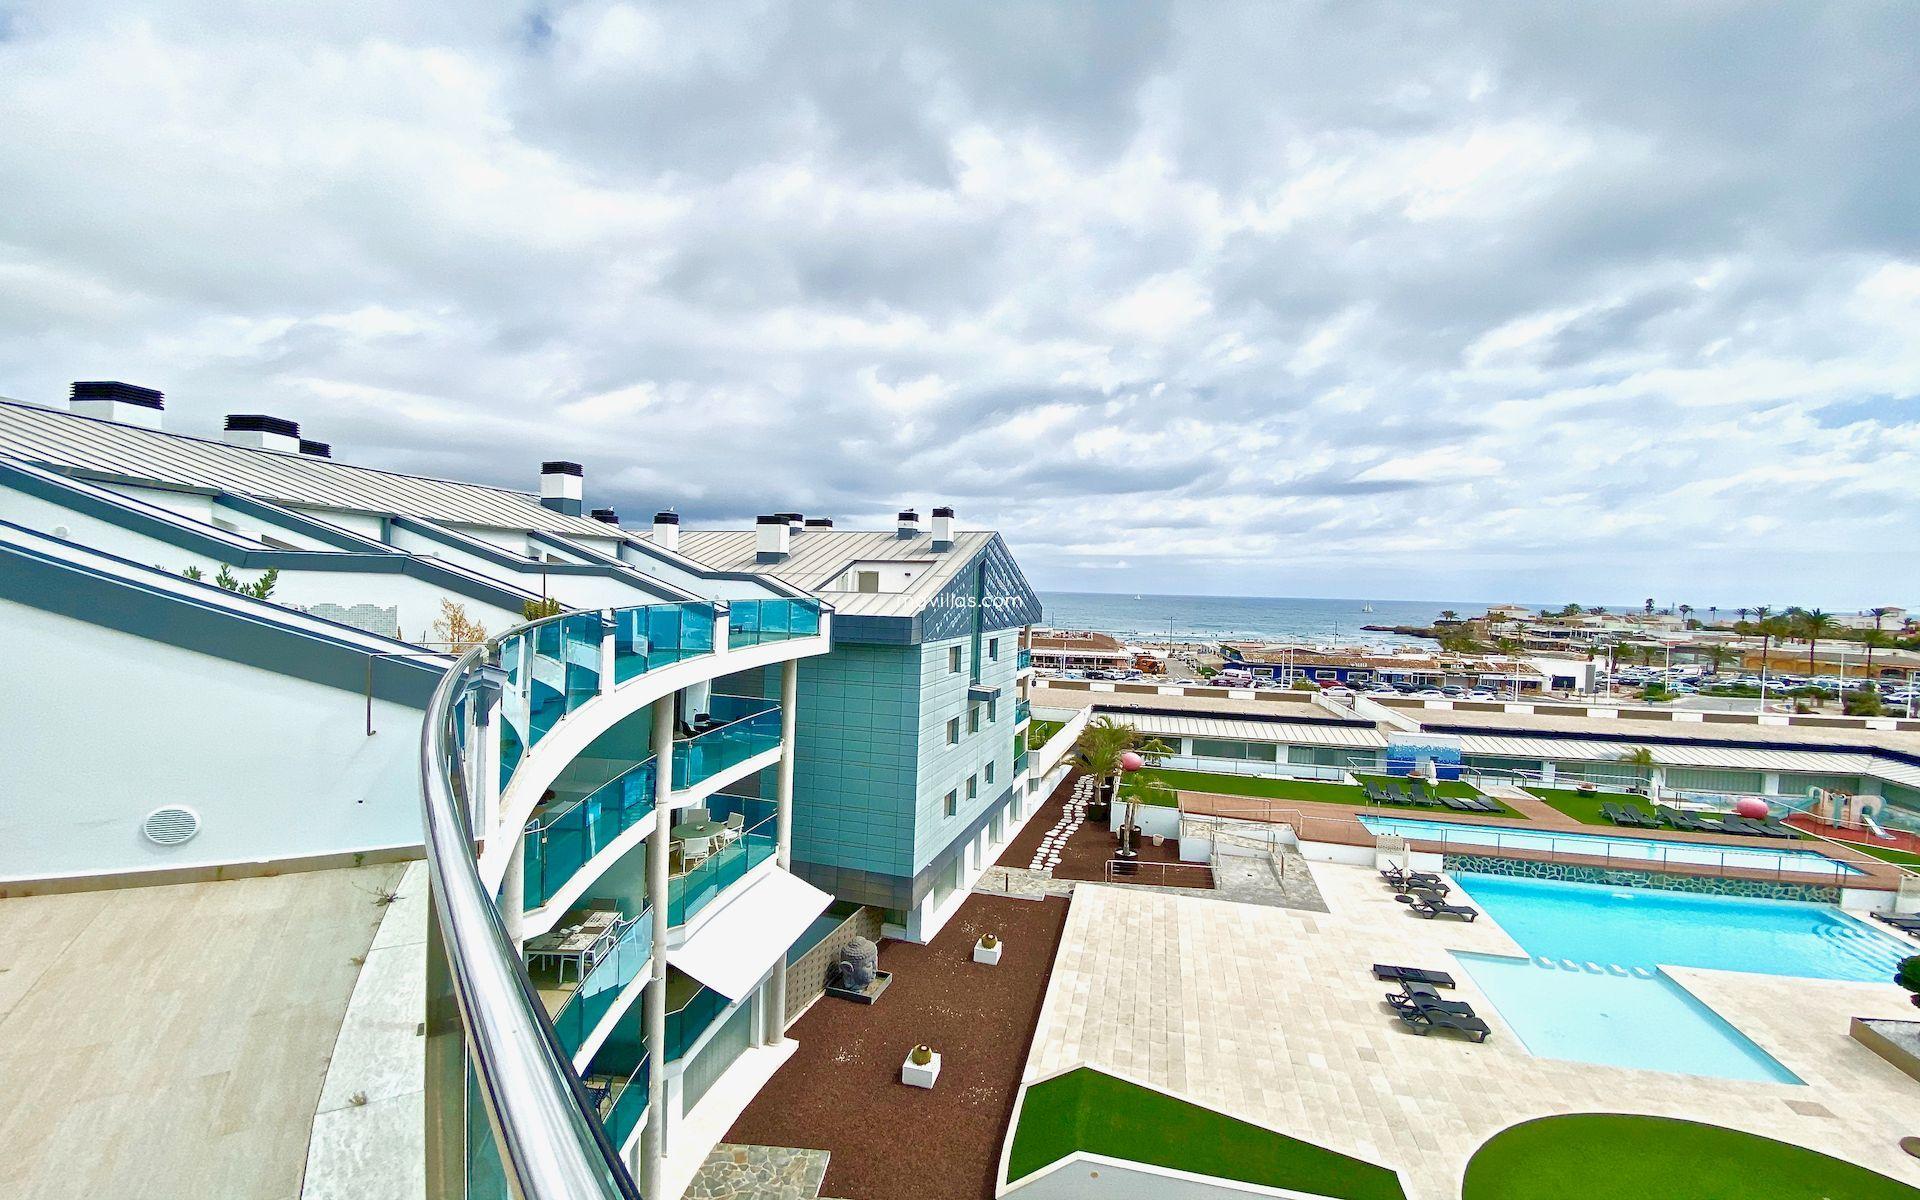 4 спальни дуплекс пентхаус с видом на море - Javea - Коста Бланка